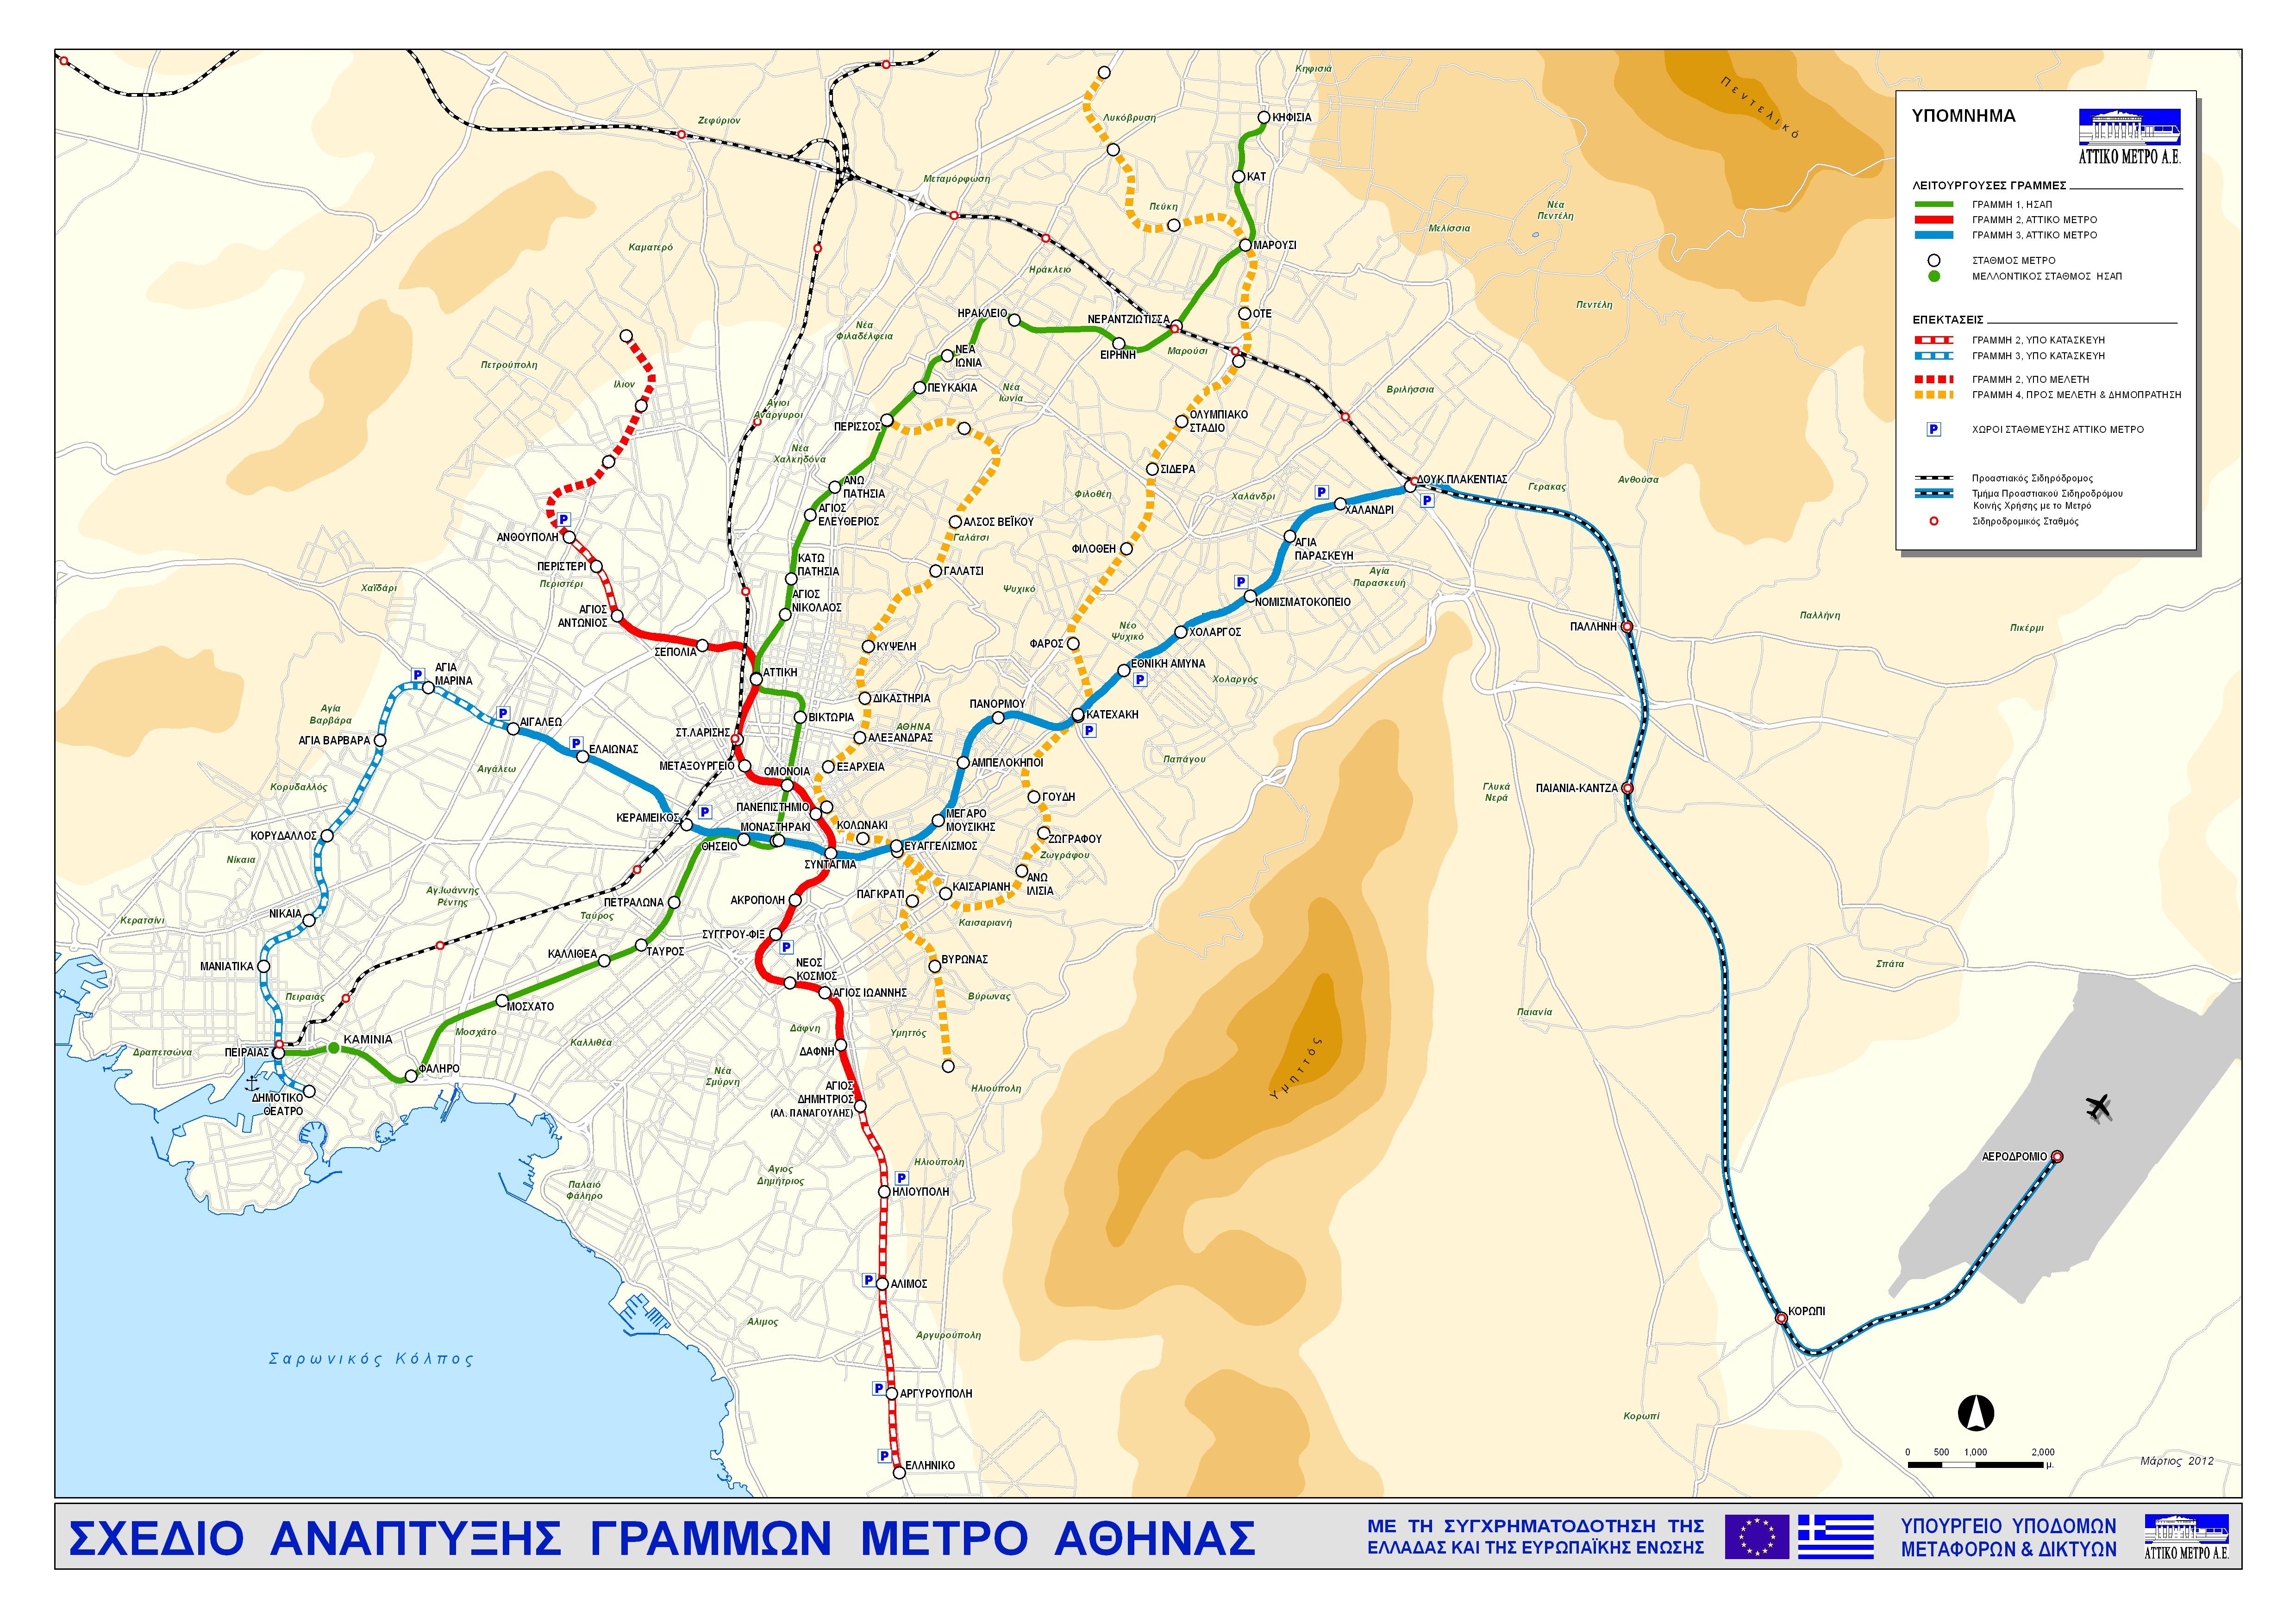 Χάρτης του δικτύου Μετρό της Αθήνας, Μάρτιος 2012